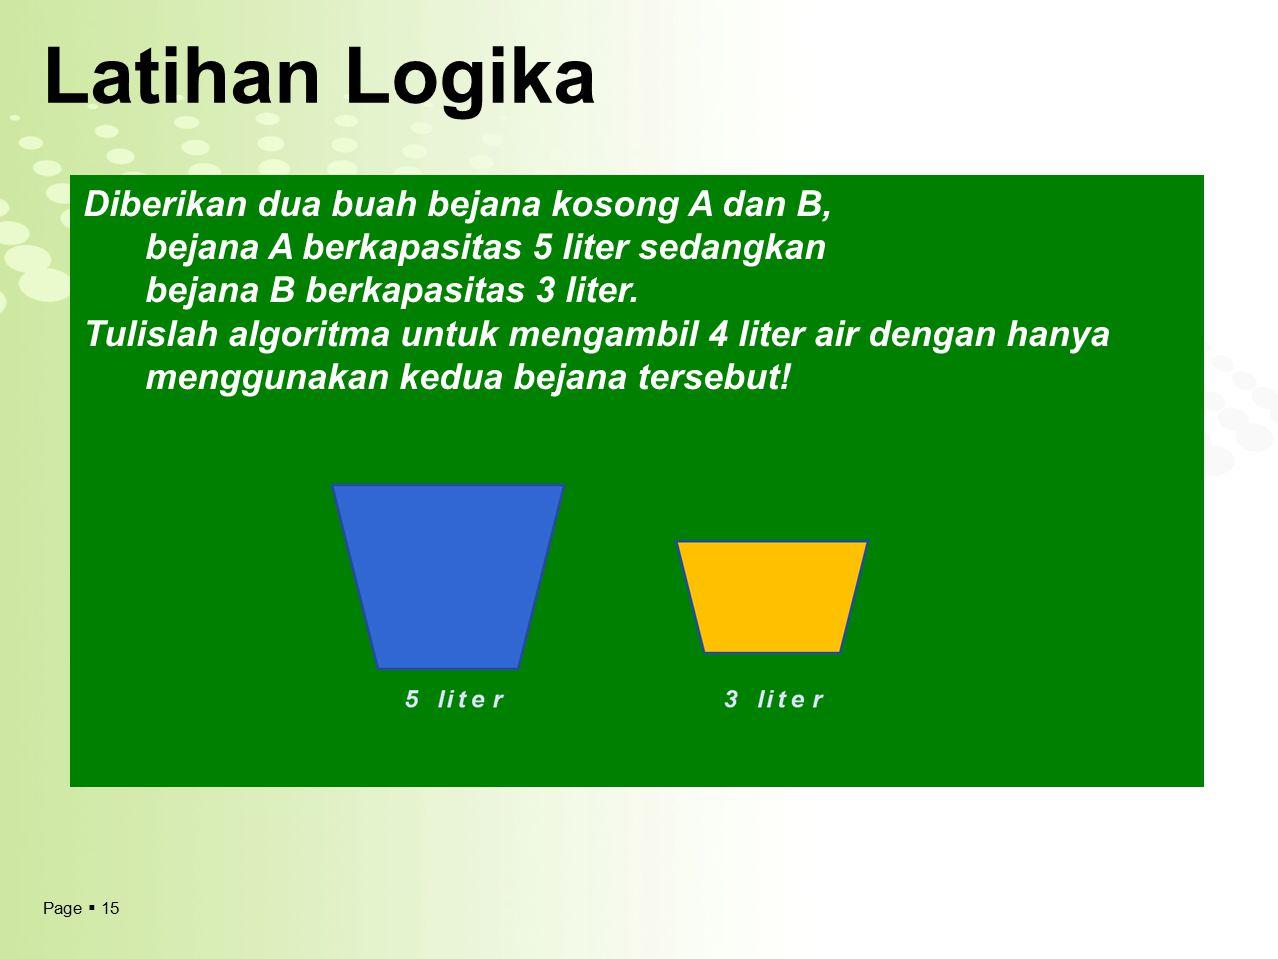 Latihan Logika Diberikan dua buah bejana kosong A dan B, bejana A berkapasitas 5 liter sedangkan bejana B berkapasitas 3 liter.